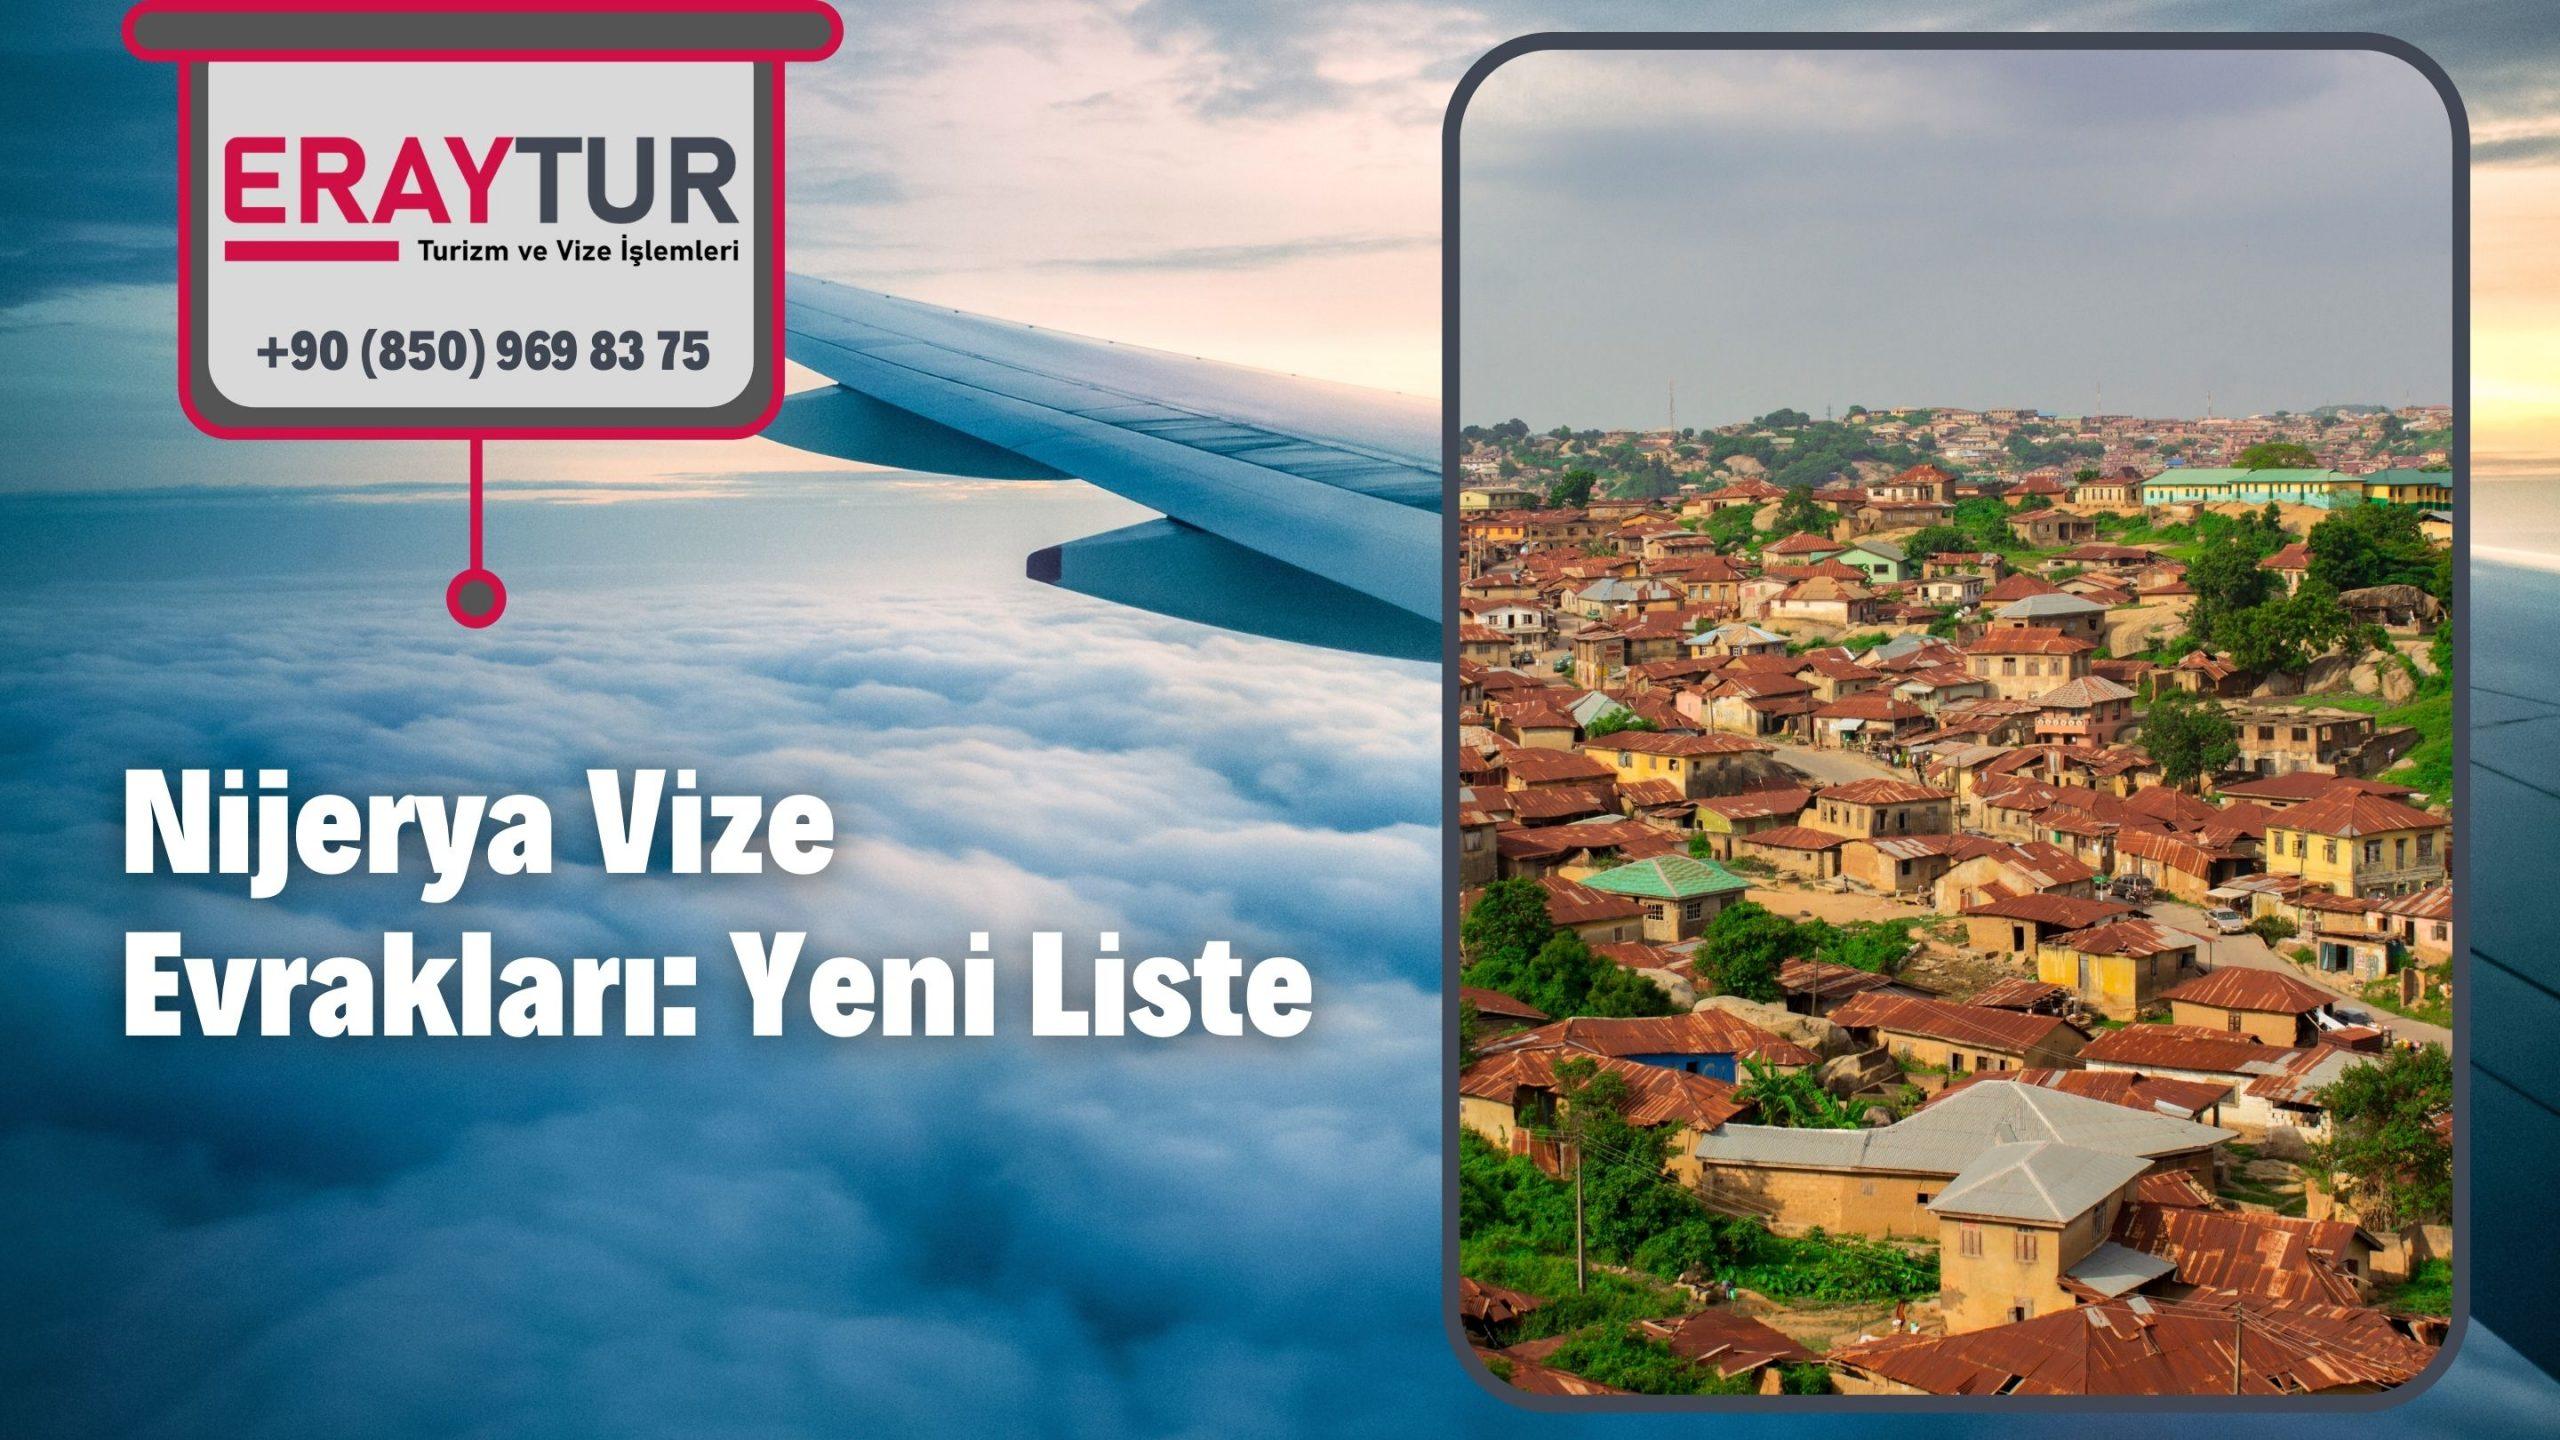 Nijerya Vize Evrakları: Yeni Liste [2021]